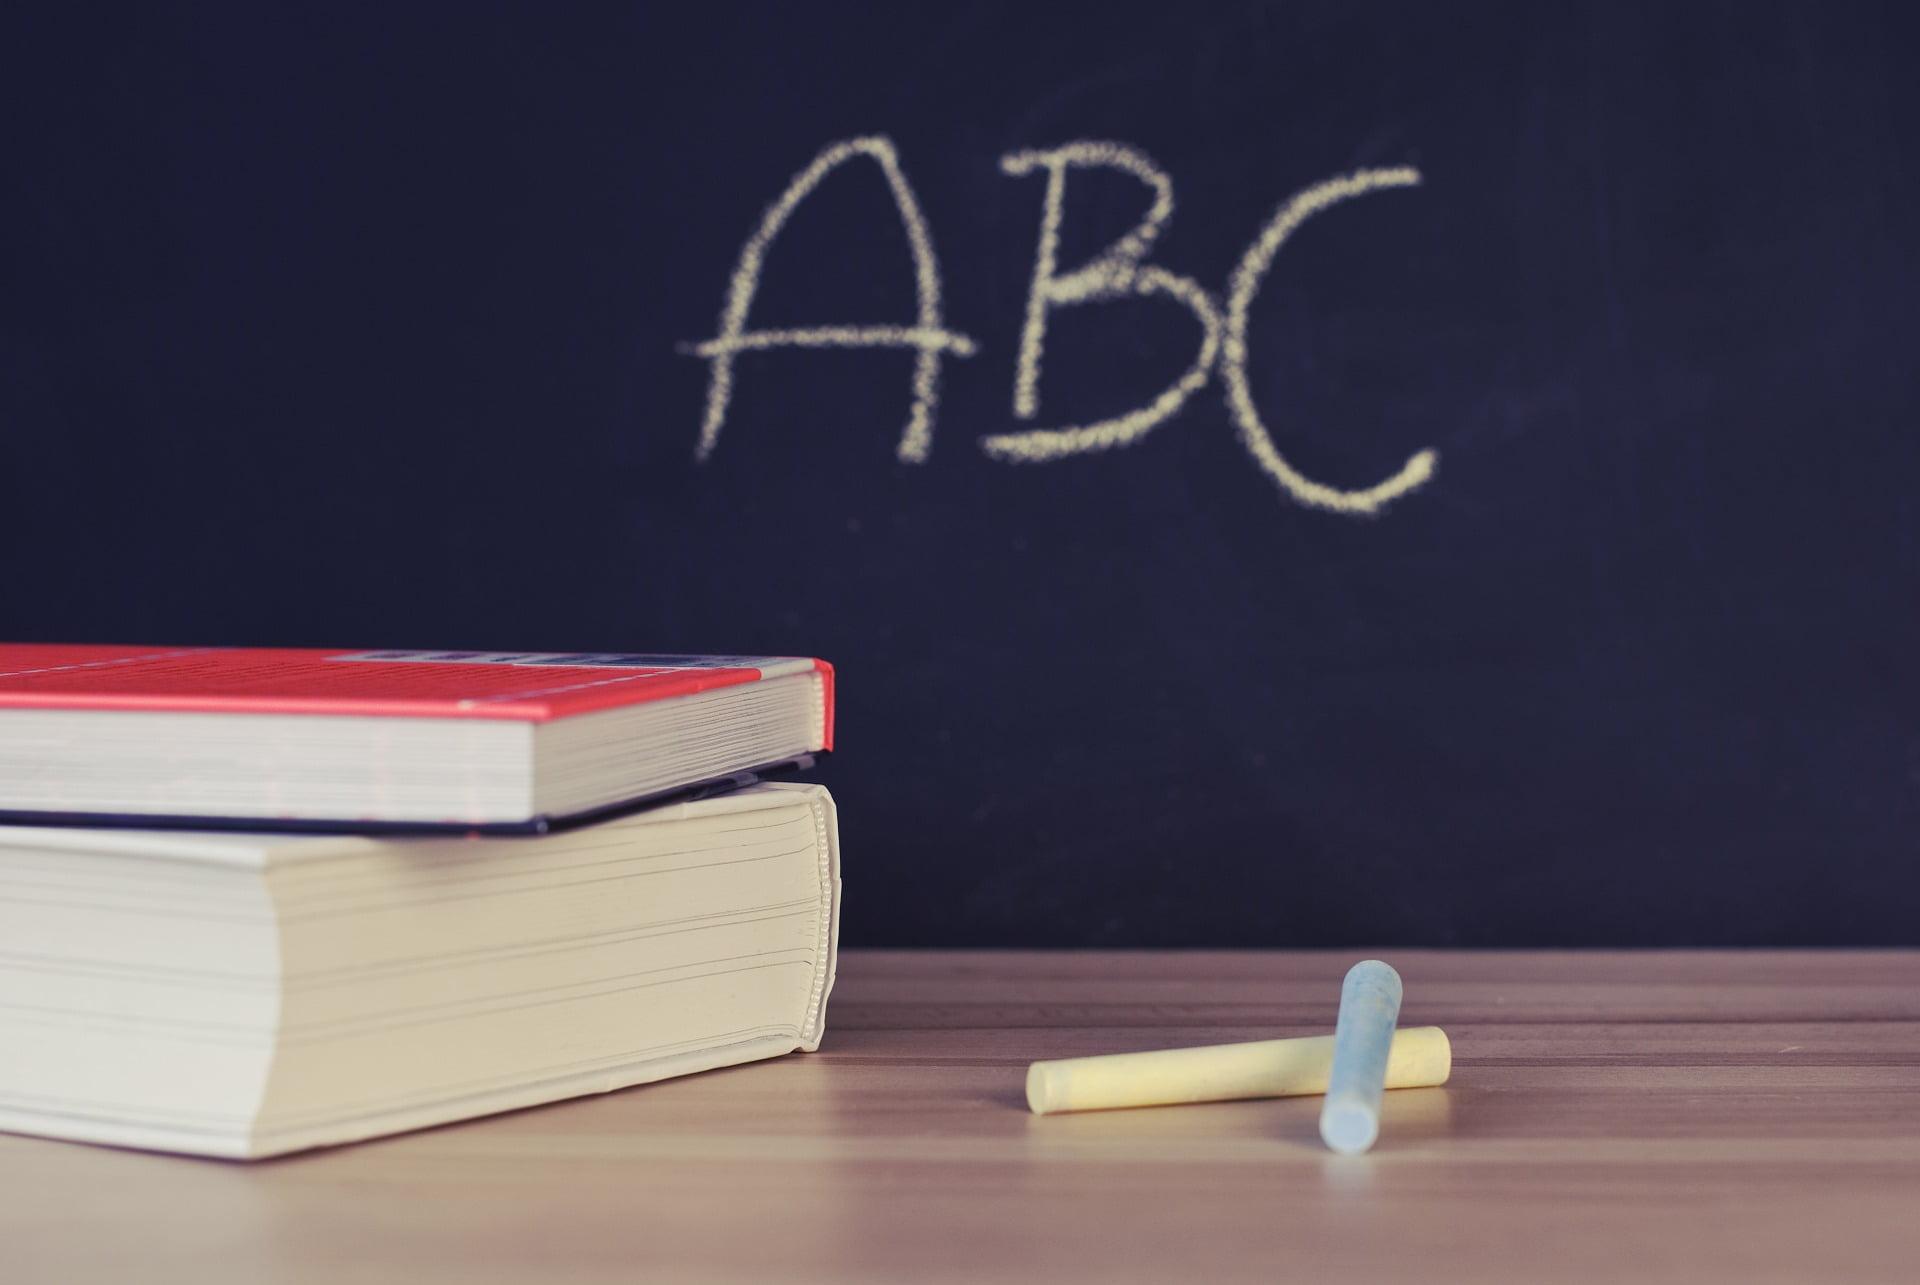 Na biurku leżą dwie książki, obok nich żółta i niebieska kreda, w tle tablica, na której napisane jest ABC